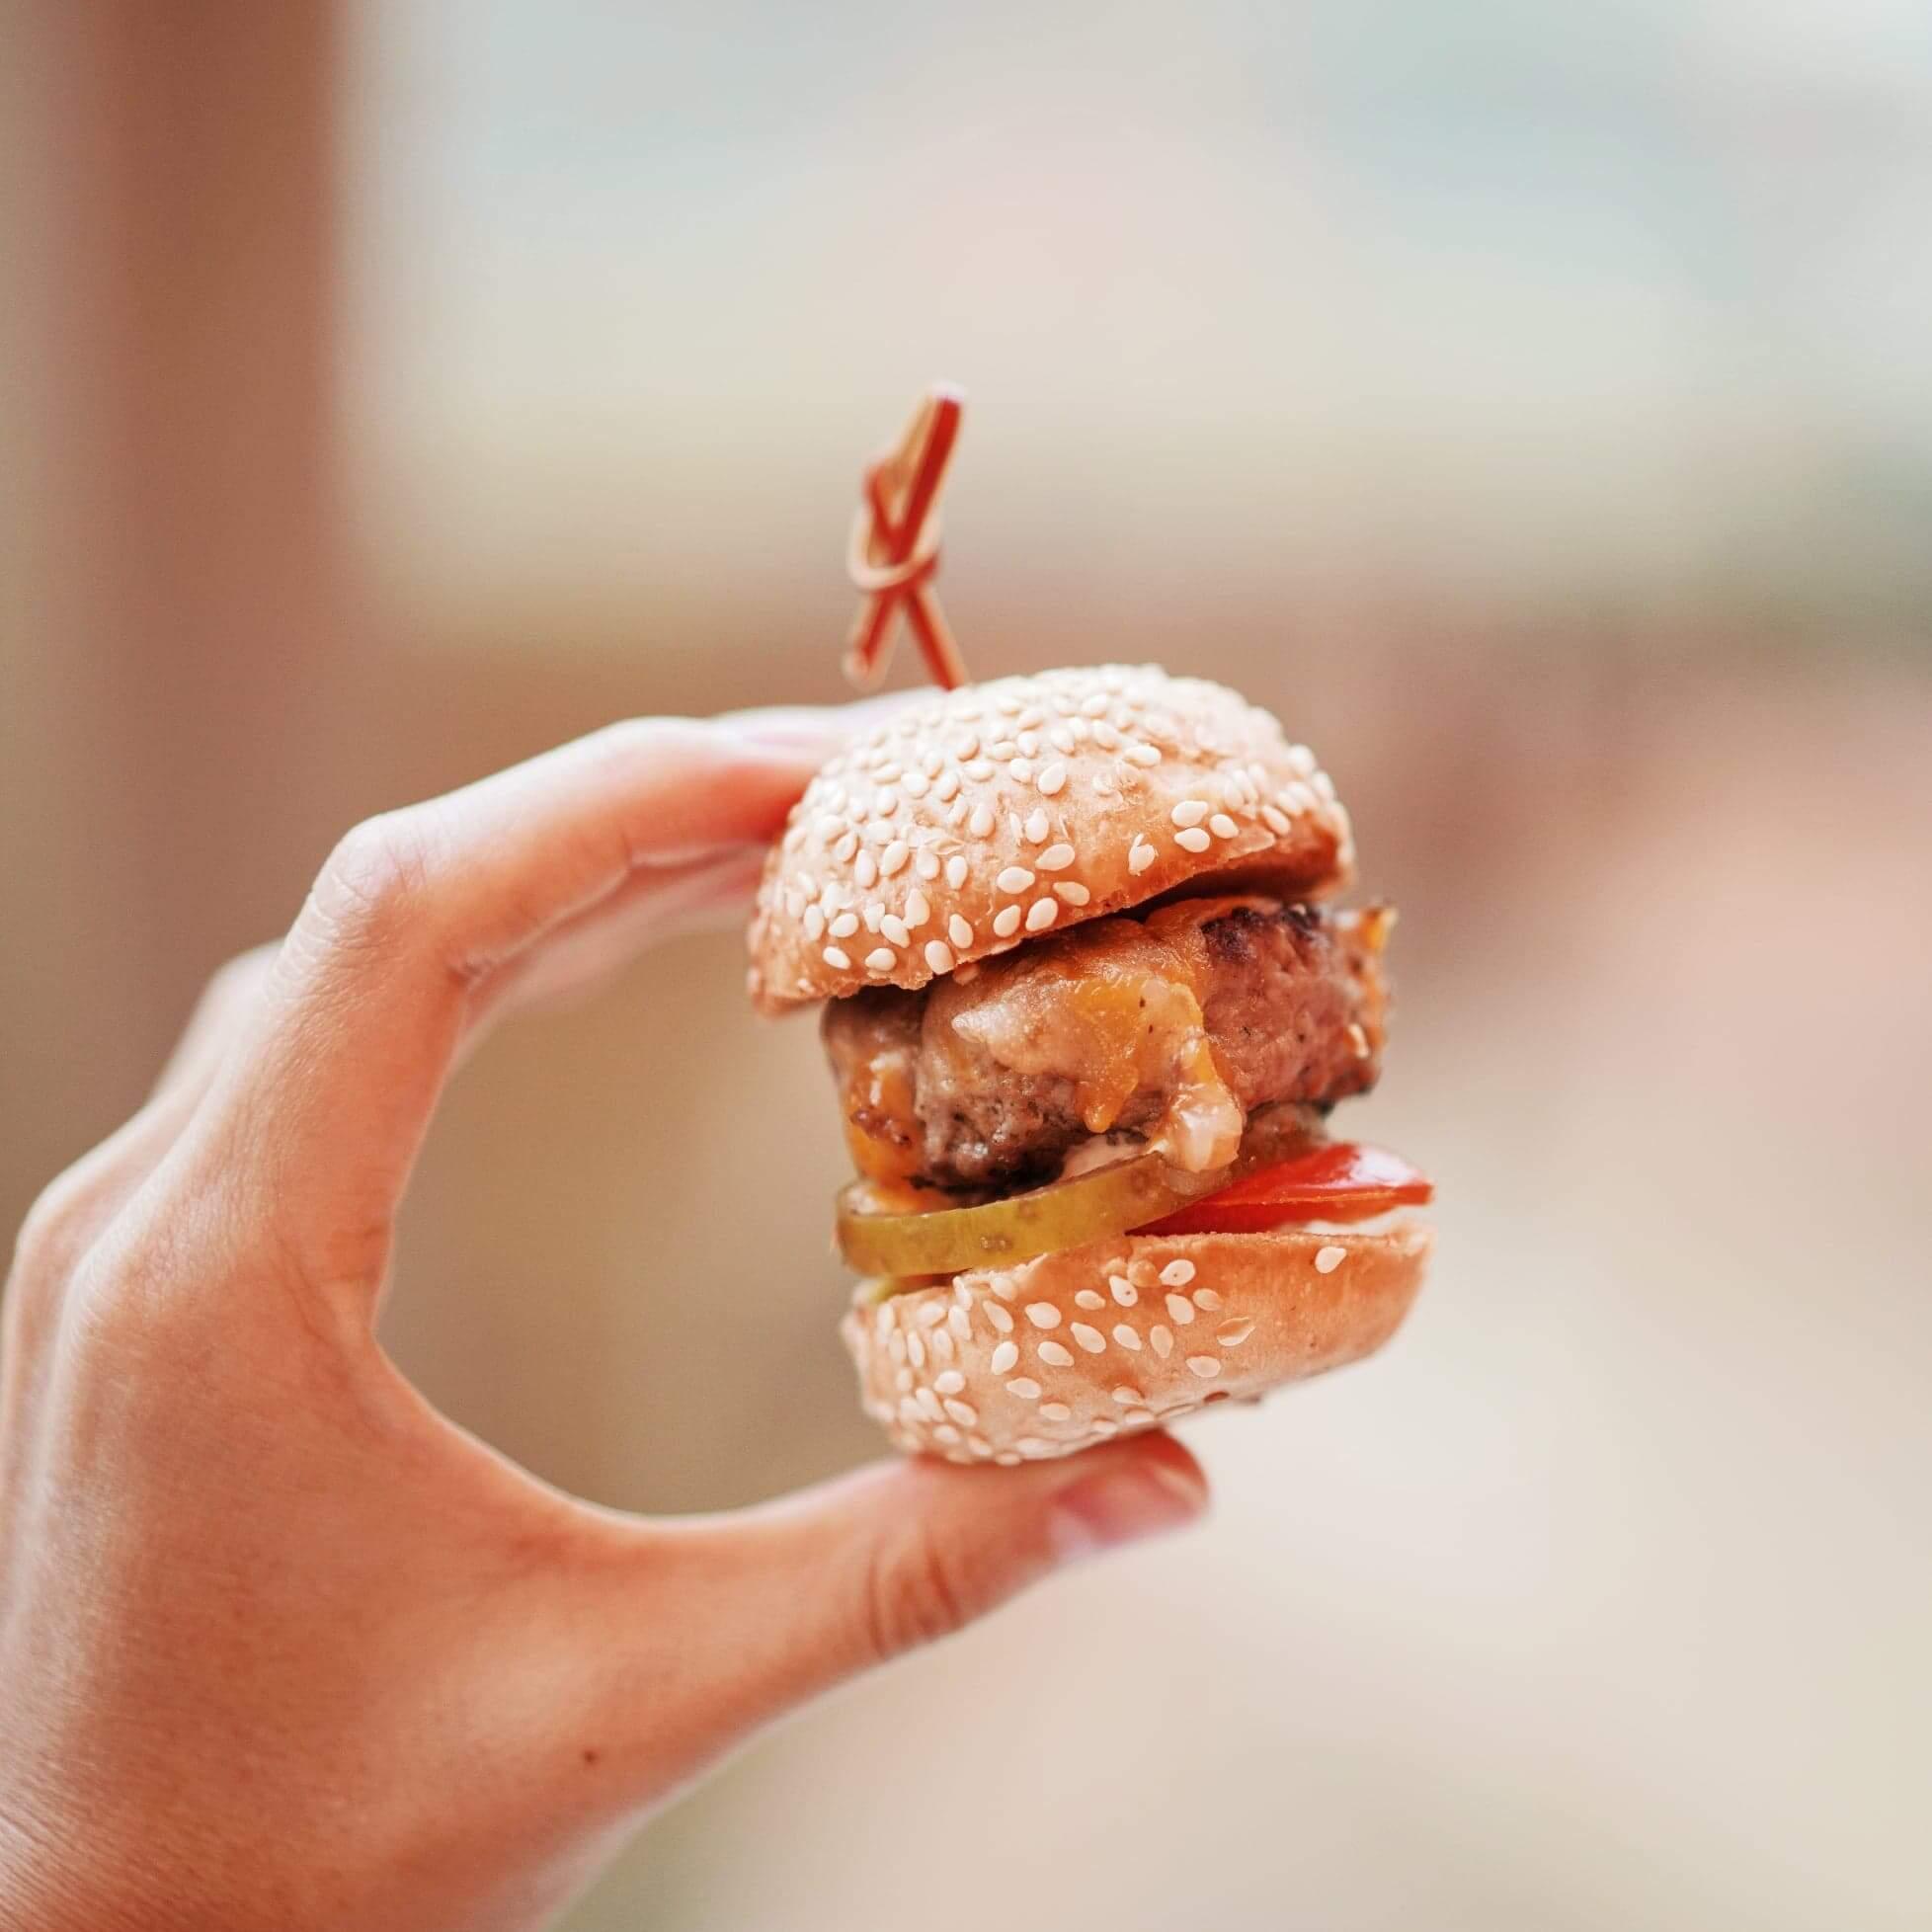 迷你松露牛肉芝士漢堡